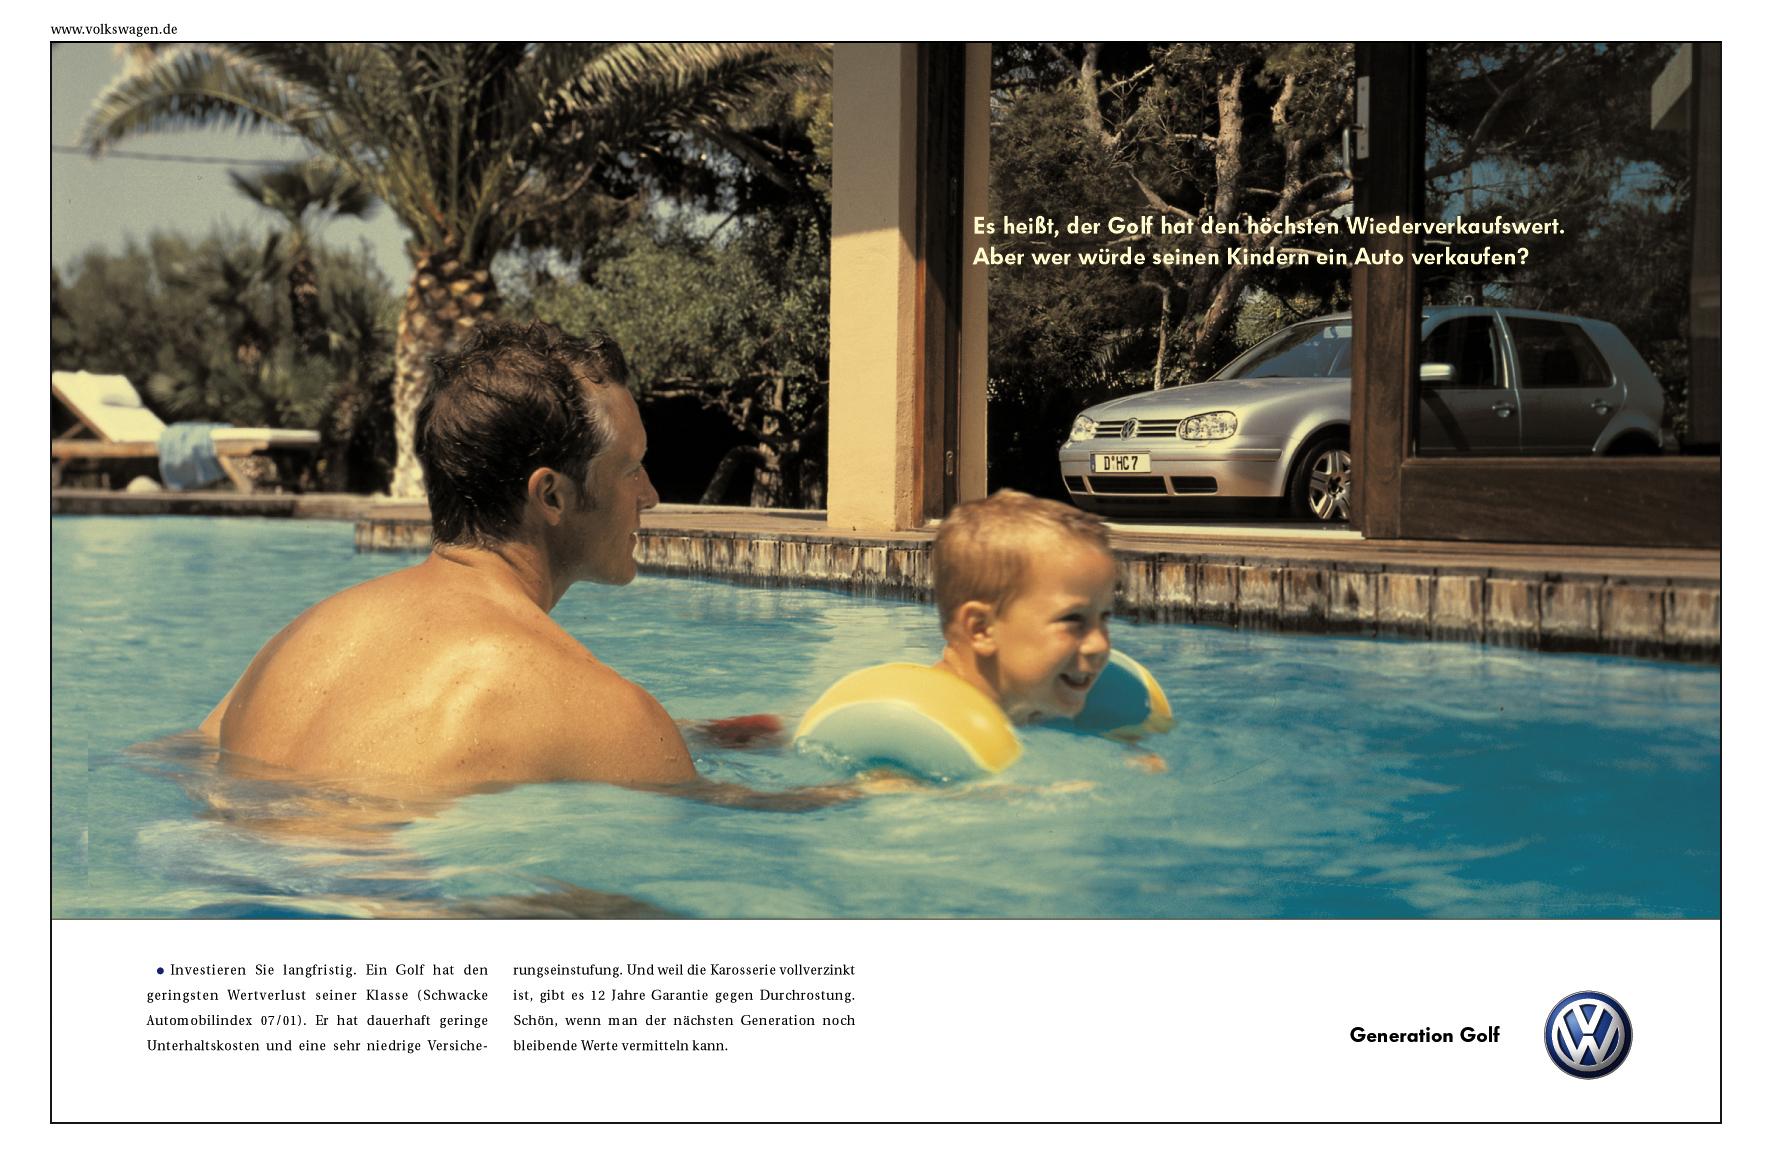 VW_Golf_Pool1